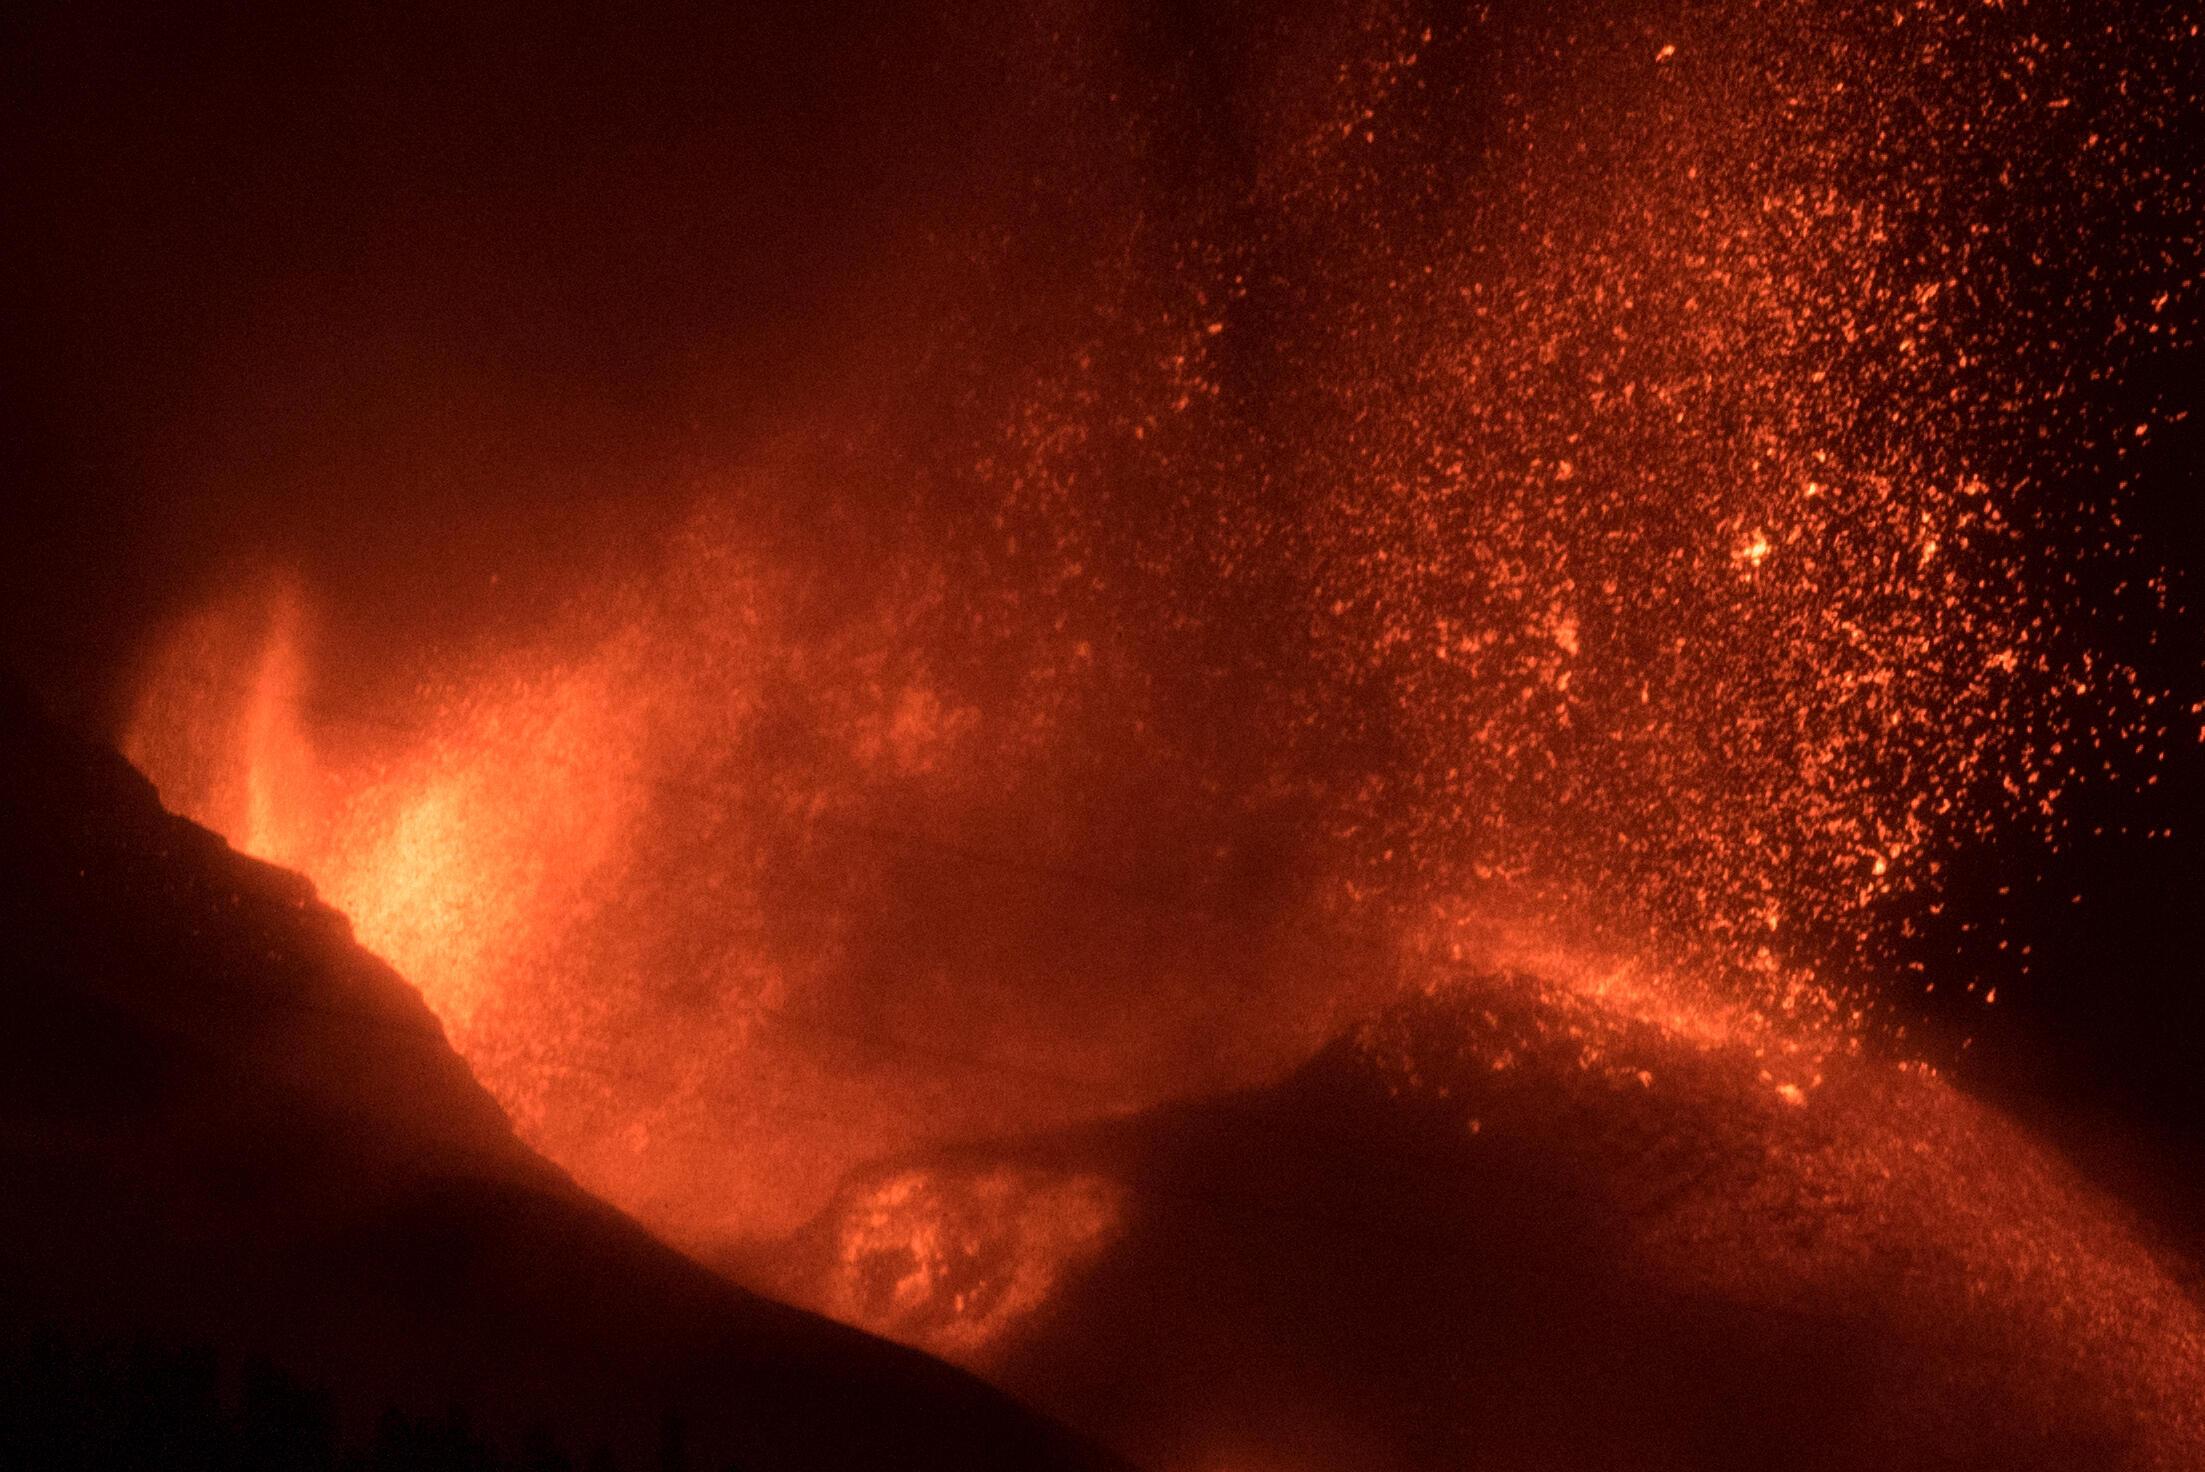 La Cumbre Vieja began erupting on September 19